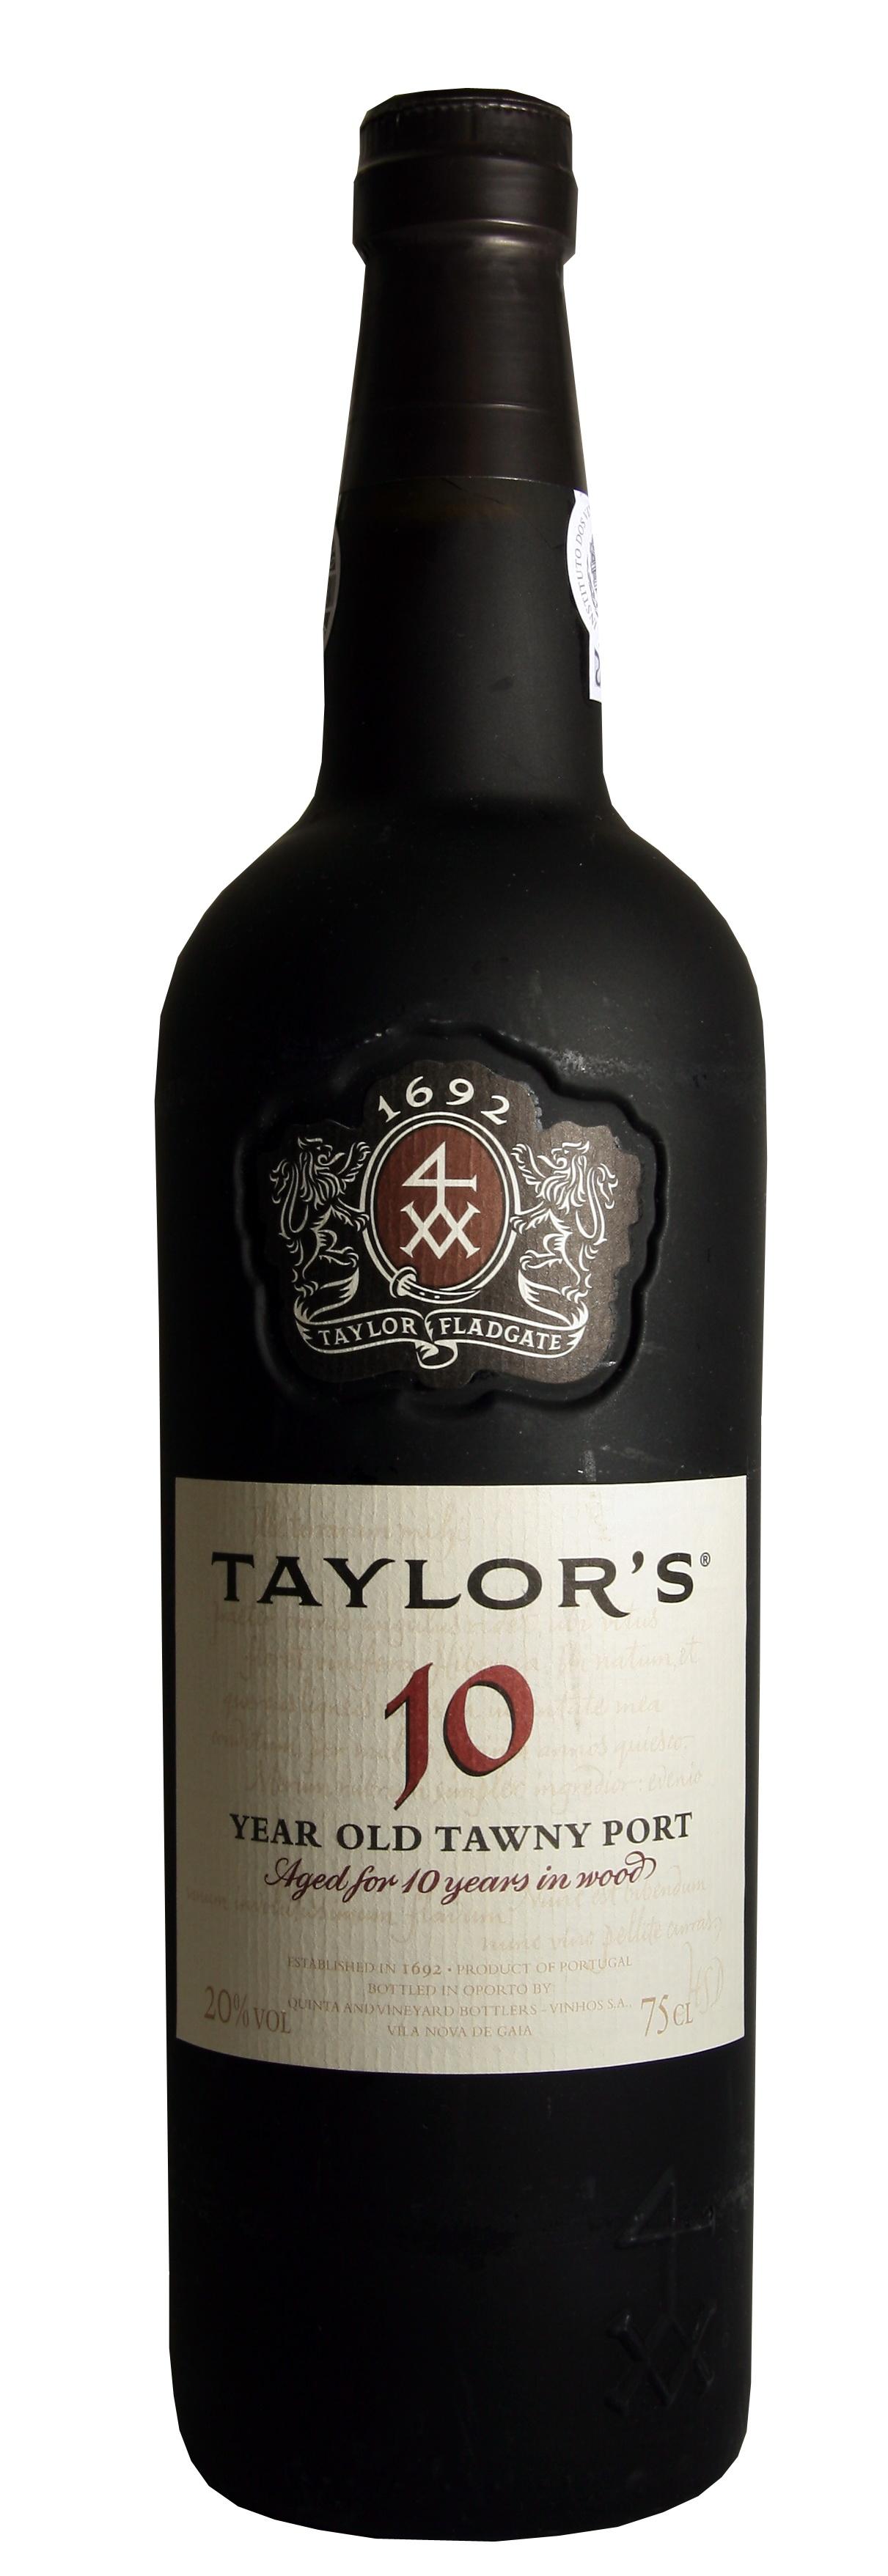 Taylors 10 god